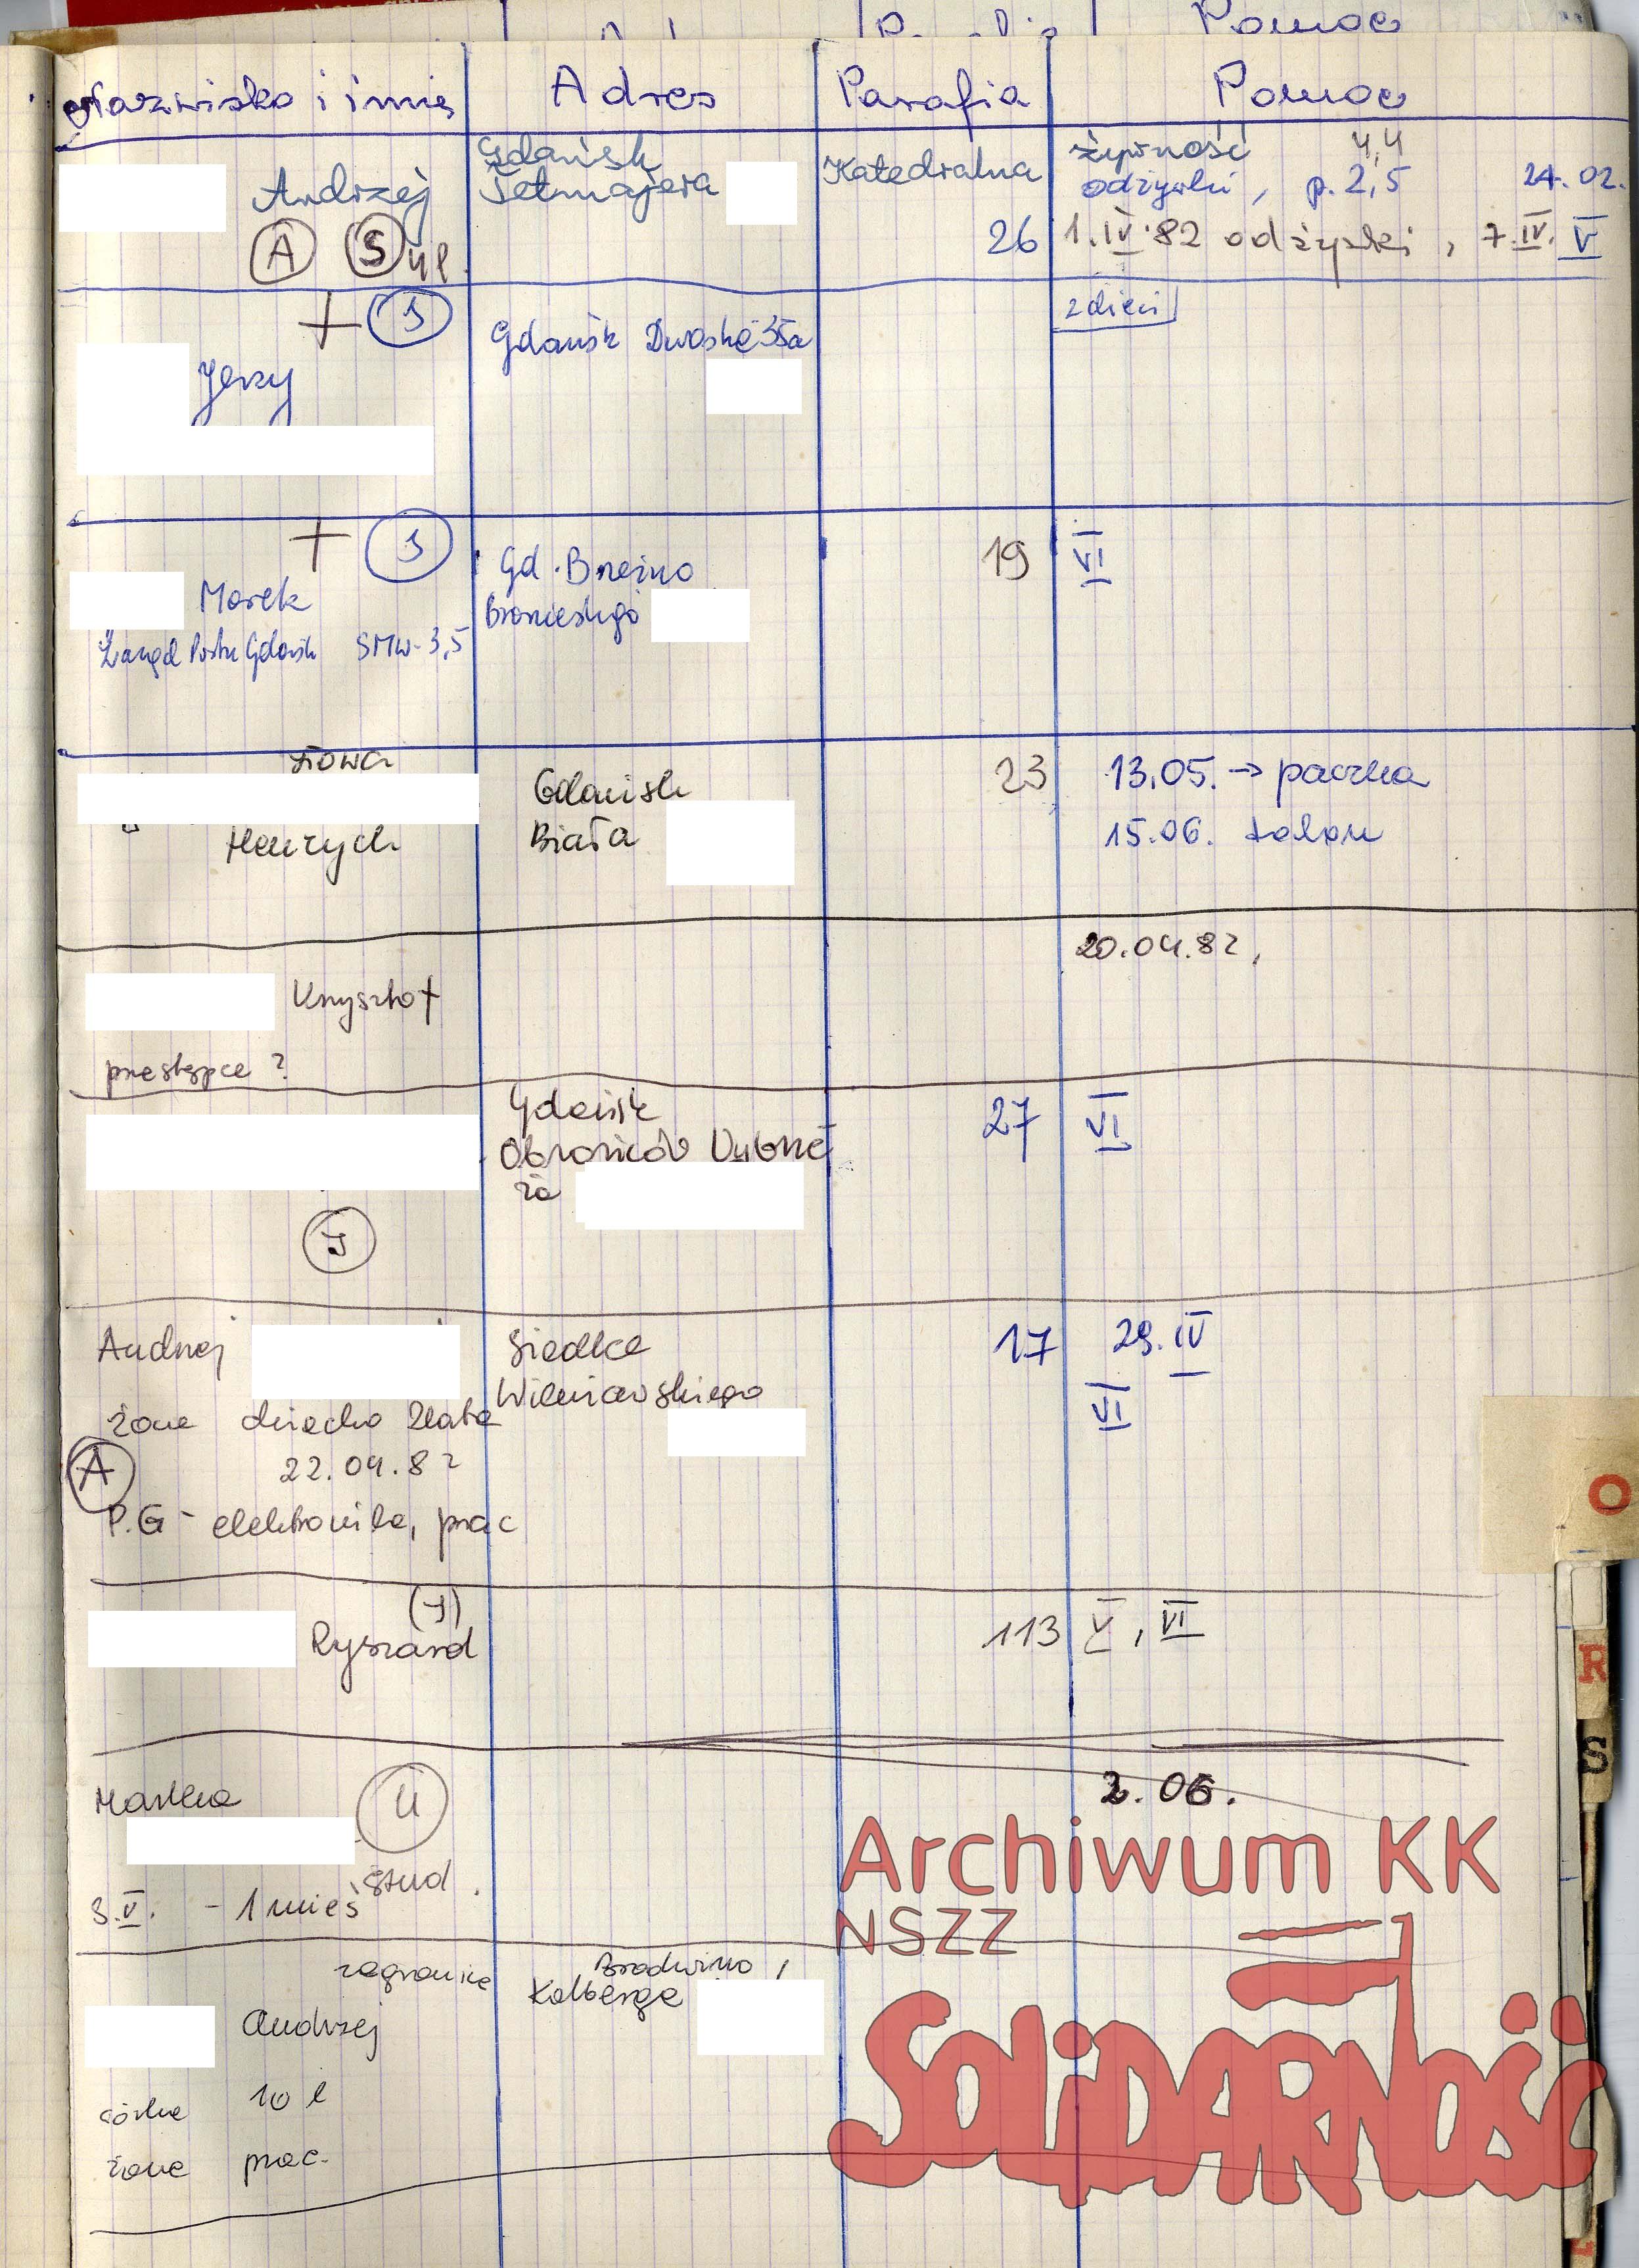 AKKS-347-80-26 - 006